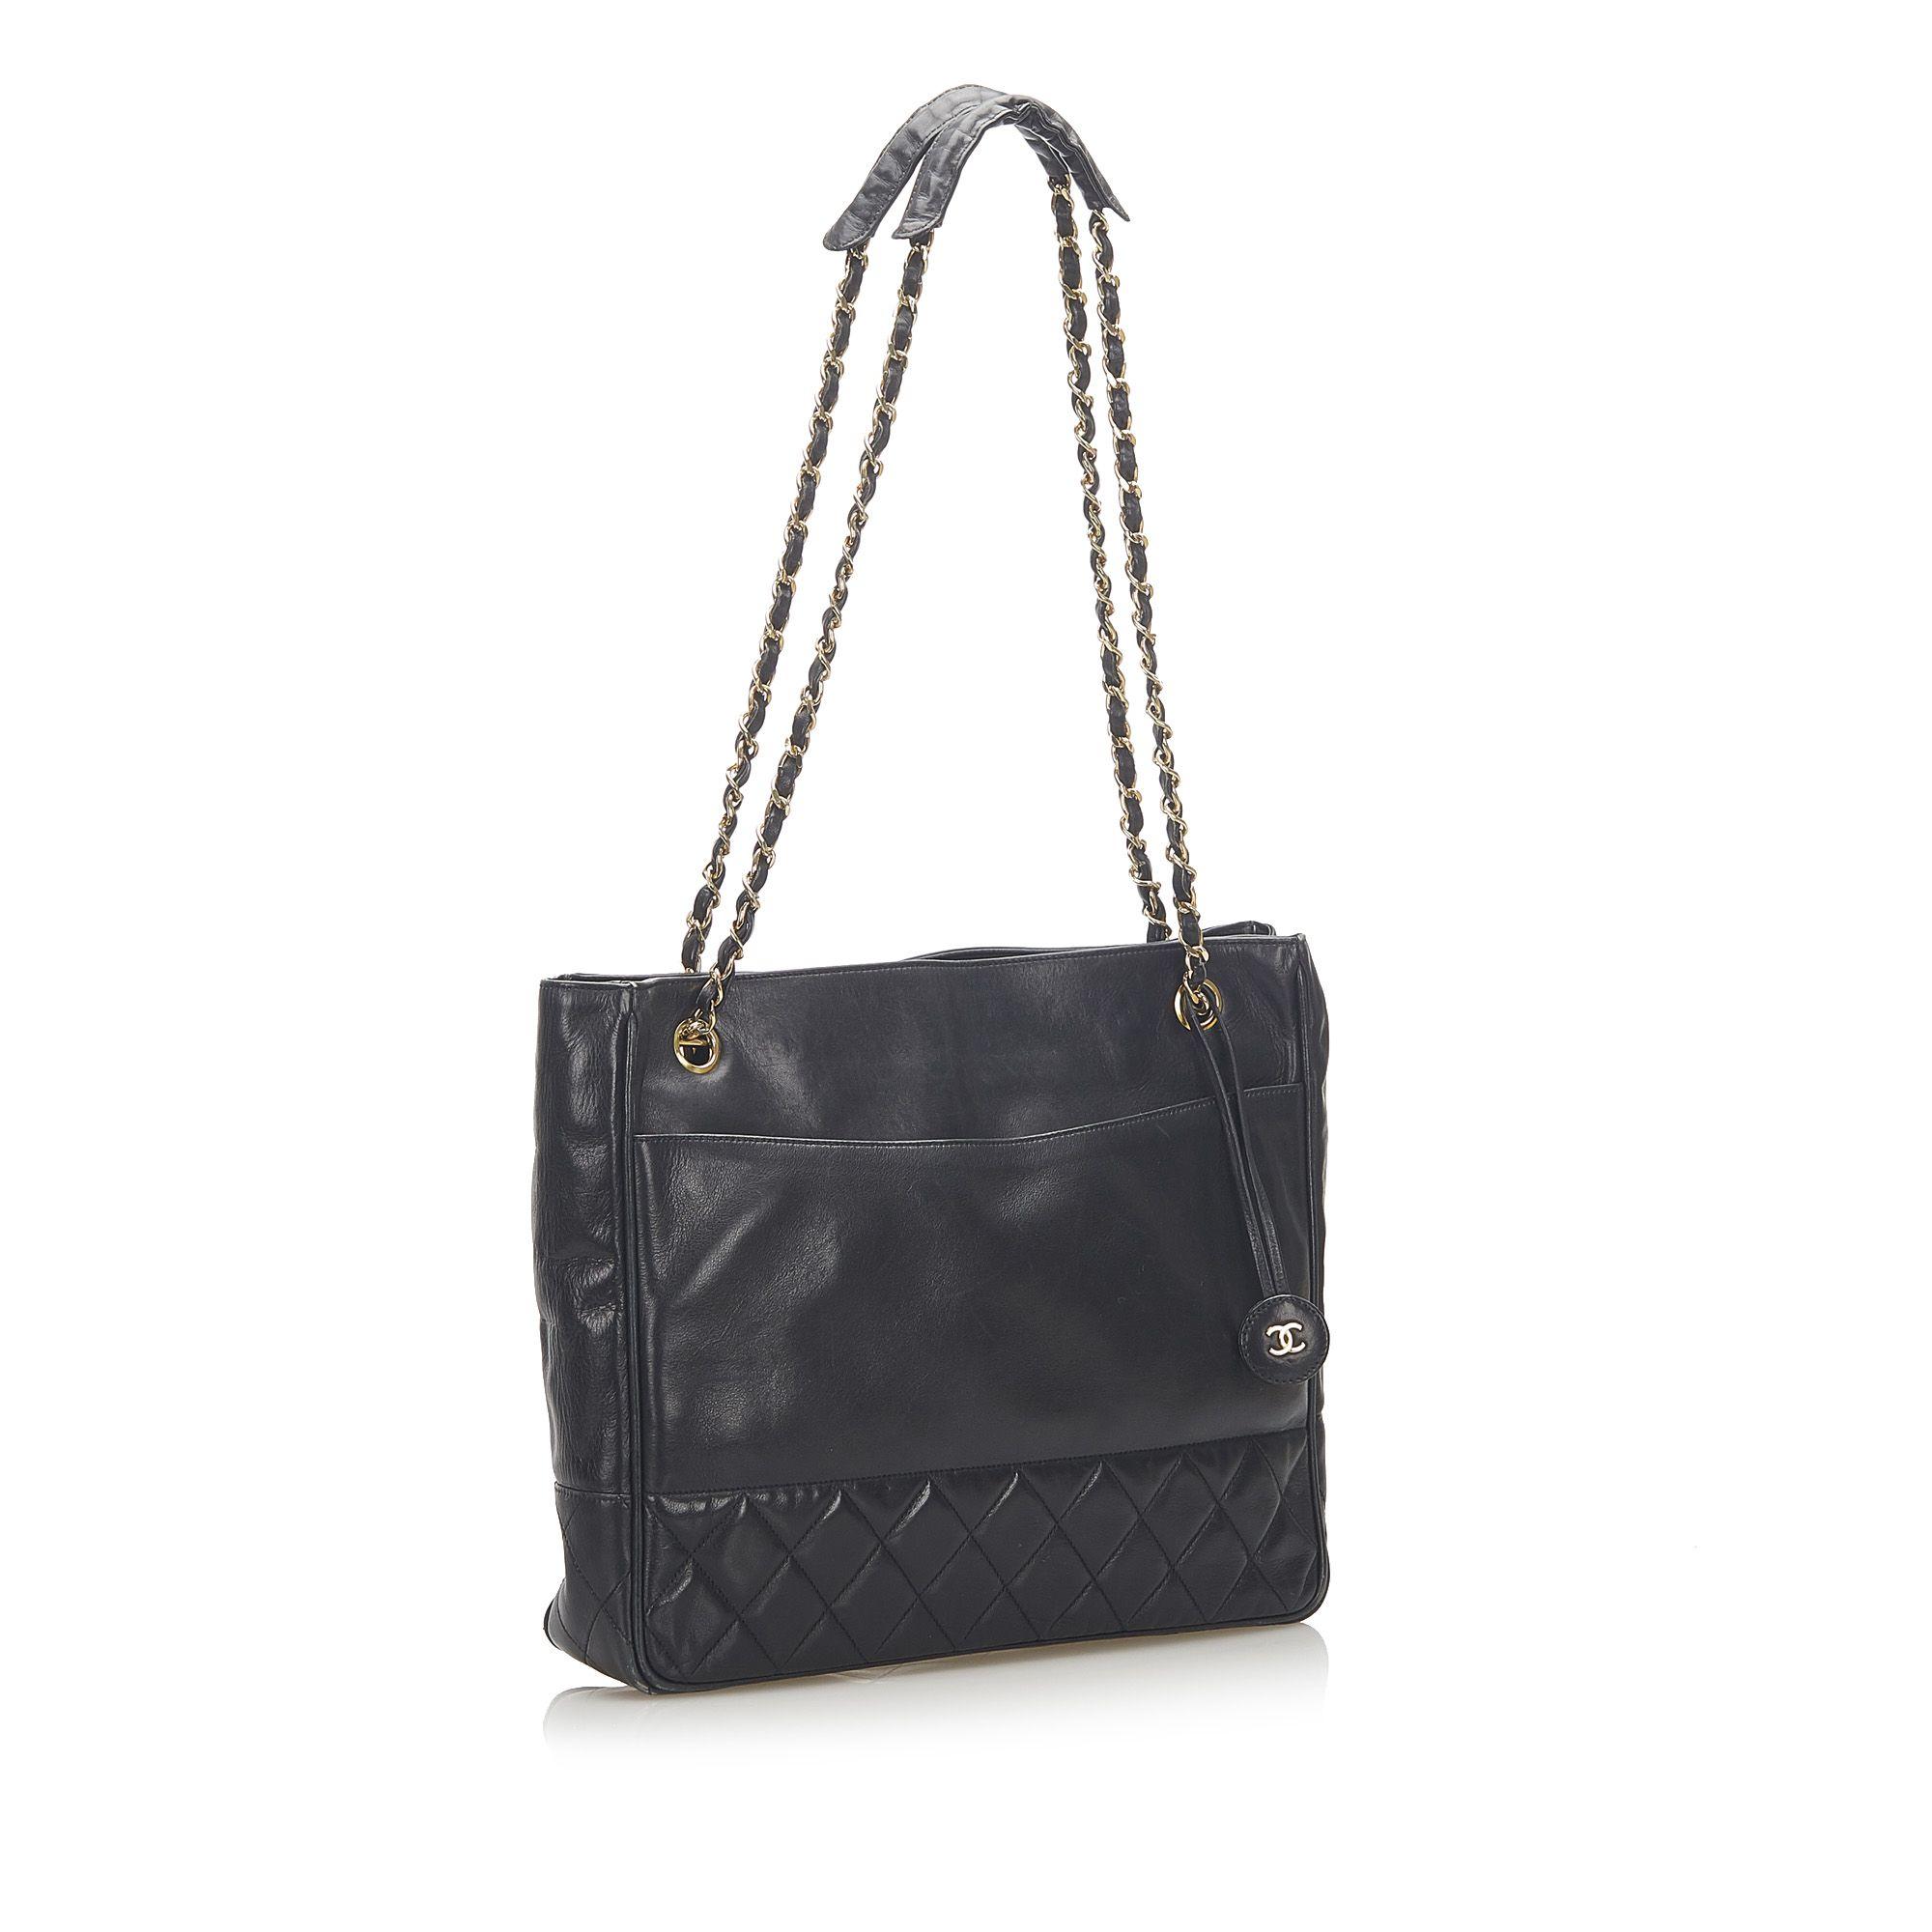 Vintage Chanel Matelasse Lambskin Leather Shoulder Bag Black